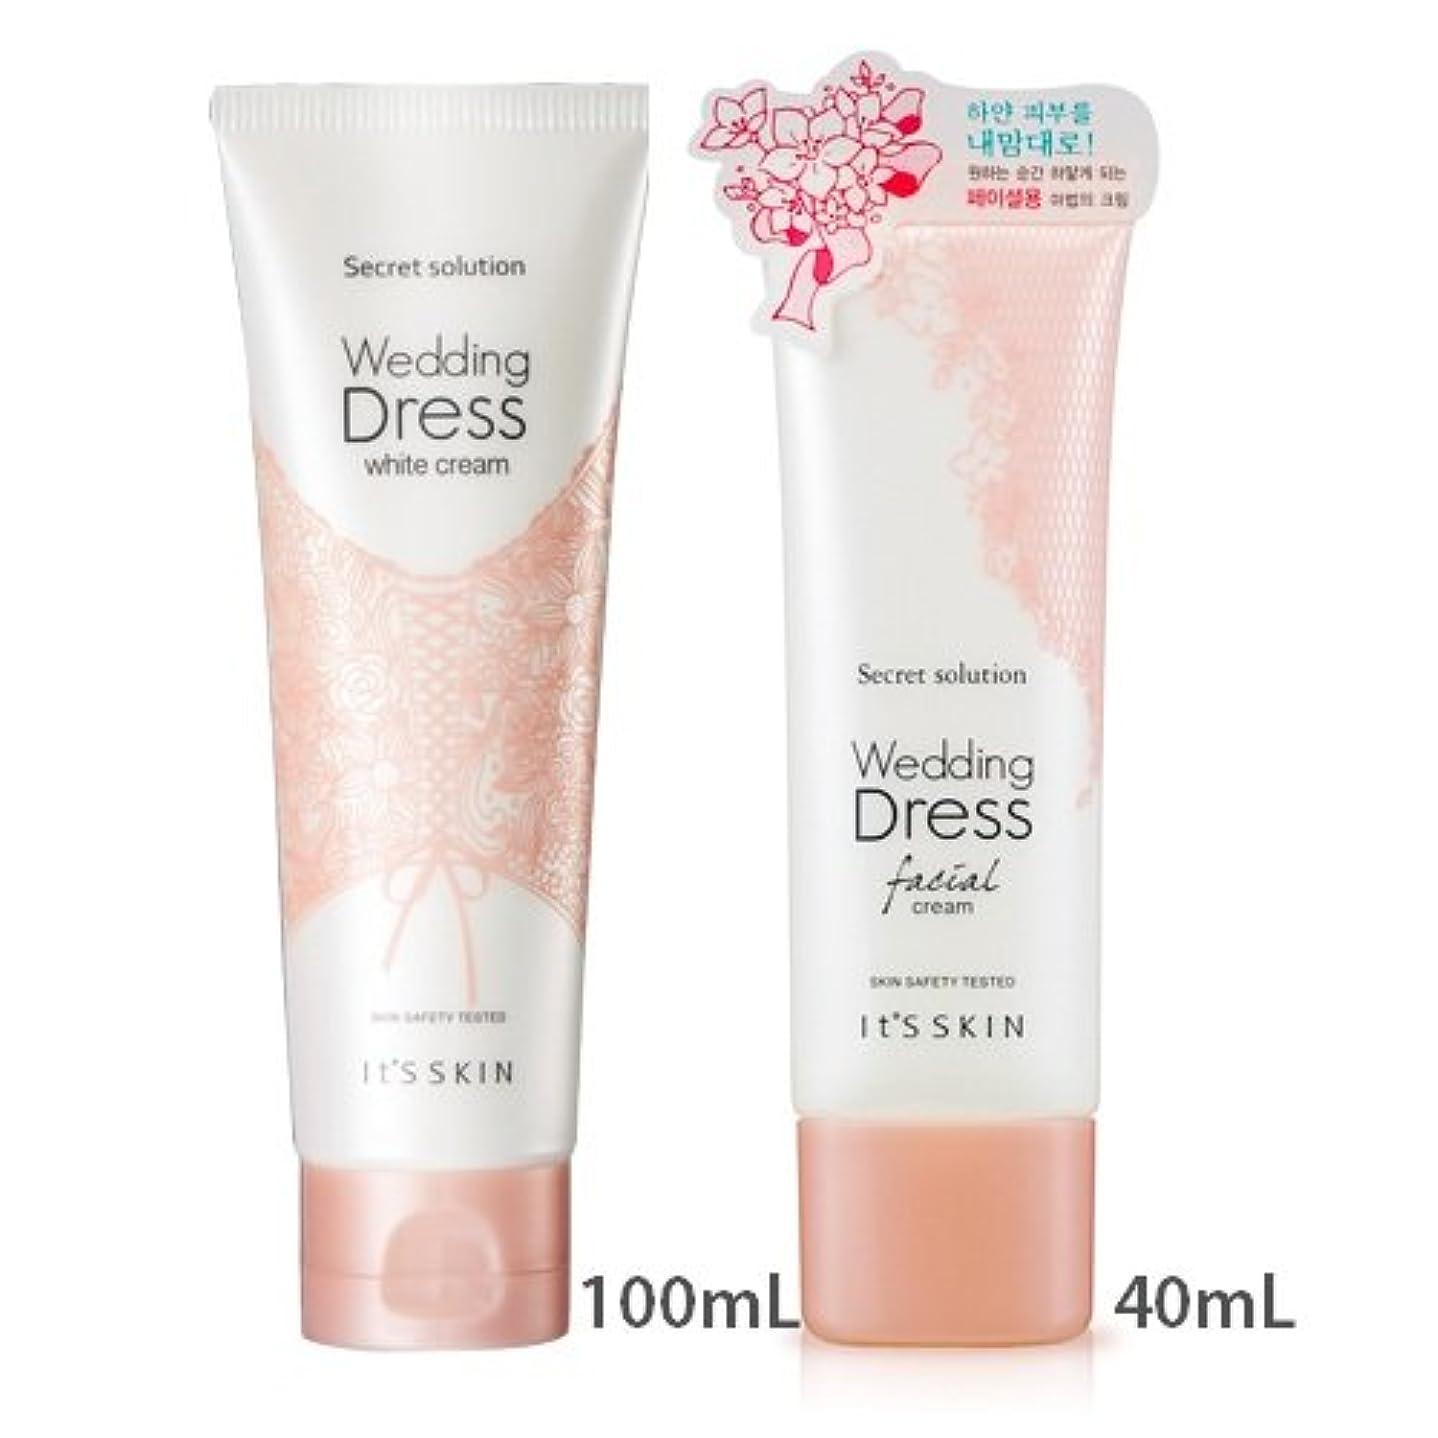 手を差し伸べるナンセンス逃れる[1+1] It's skin Secret Solution Wedding Dress Facial Cream 40mL + Secret Solution Wedding Dress Cream 100mL イッツスキン...